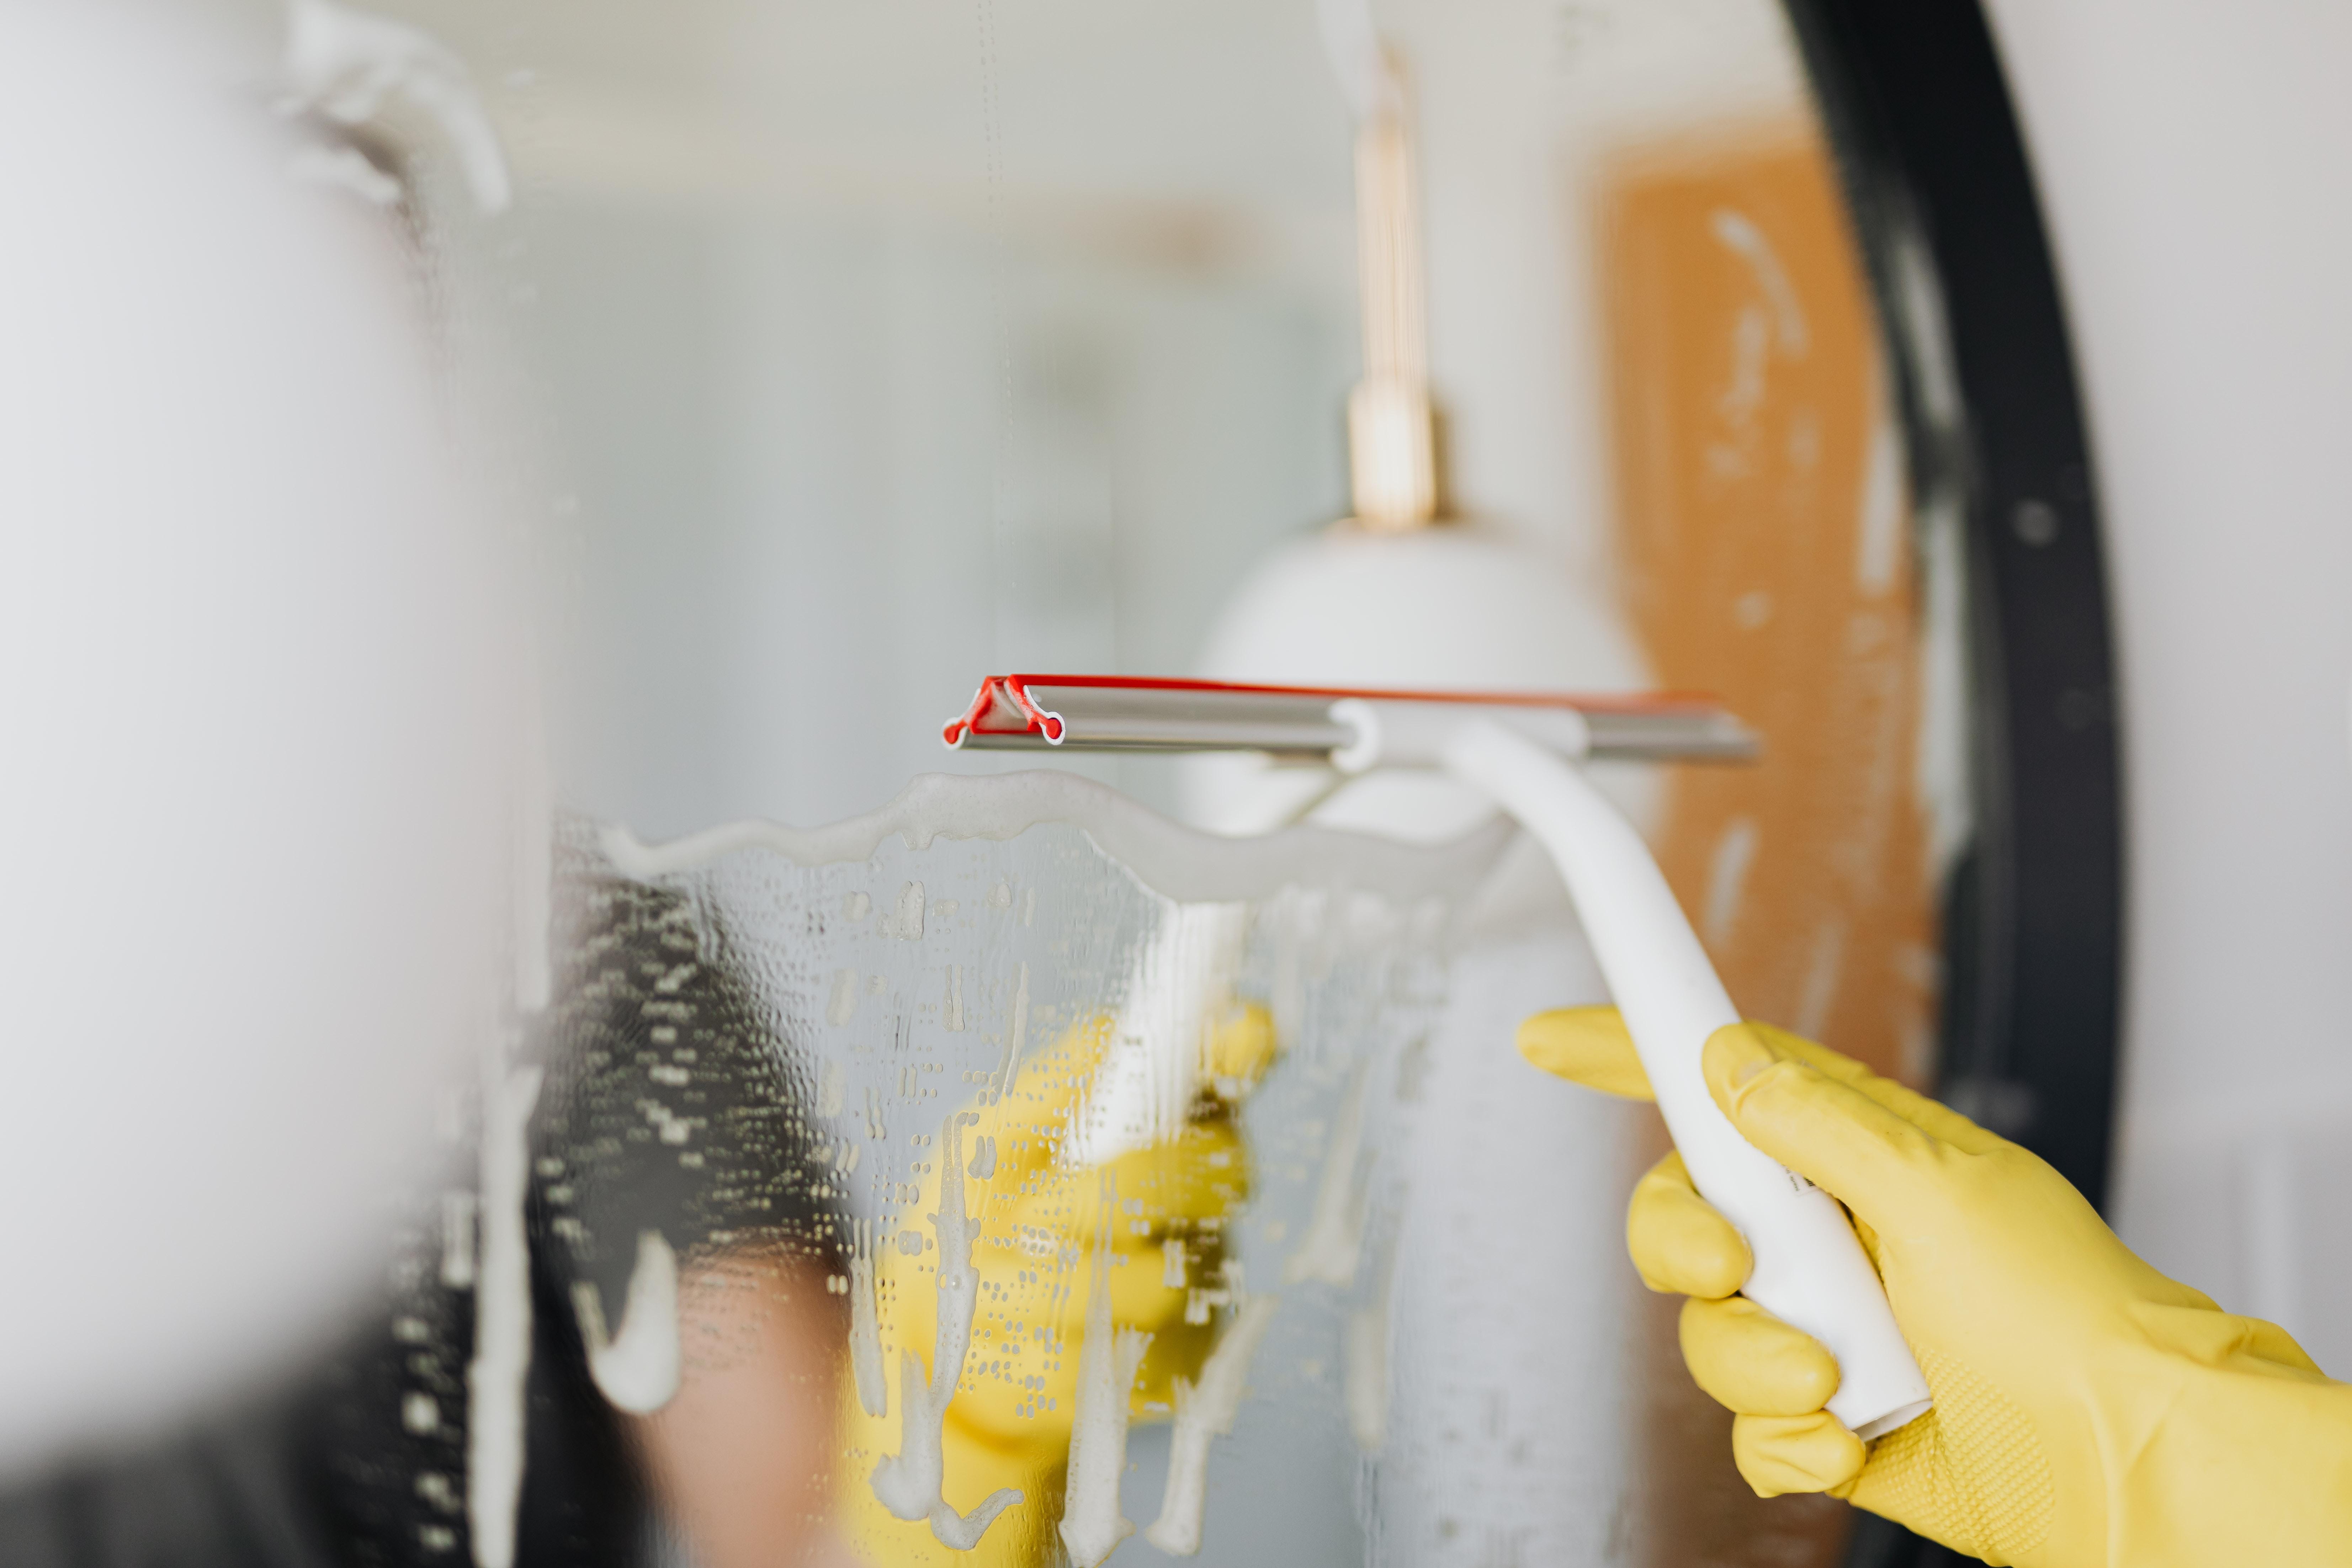 detergenti professionali pulizia superfici